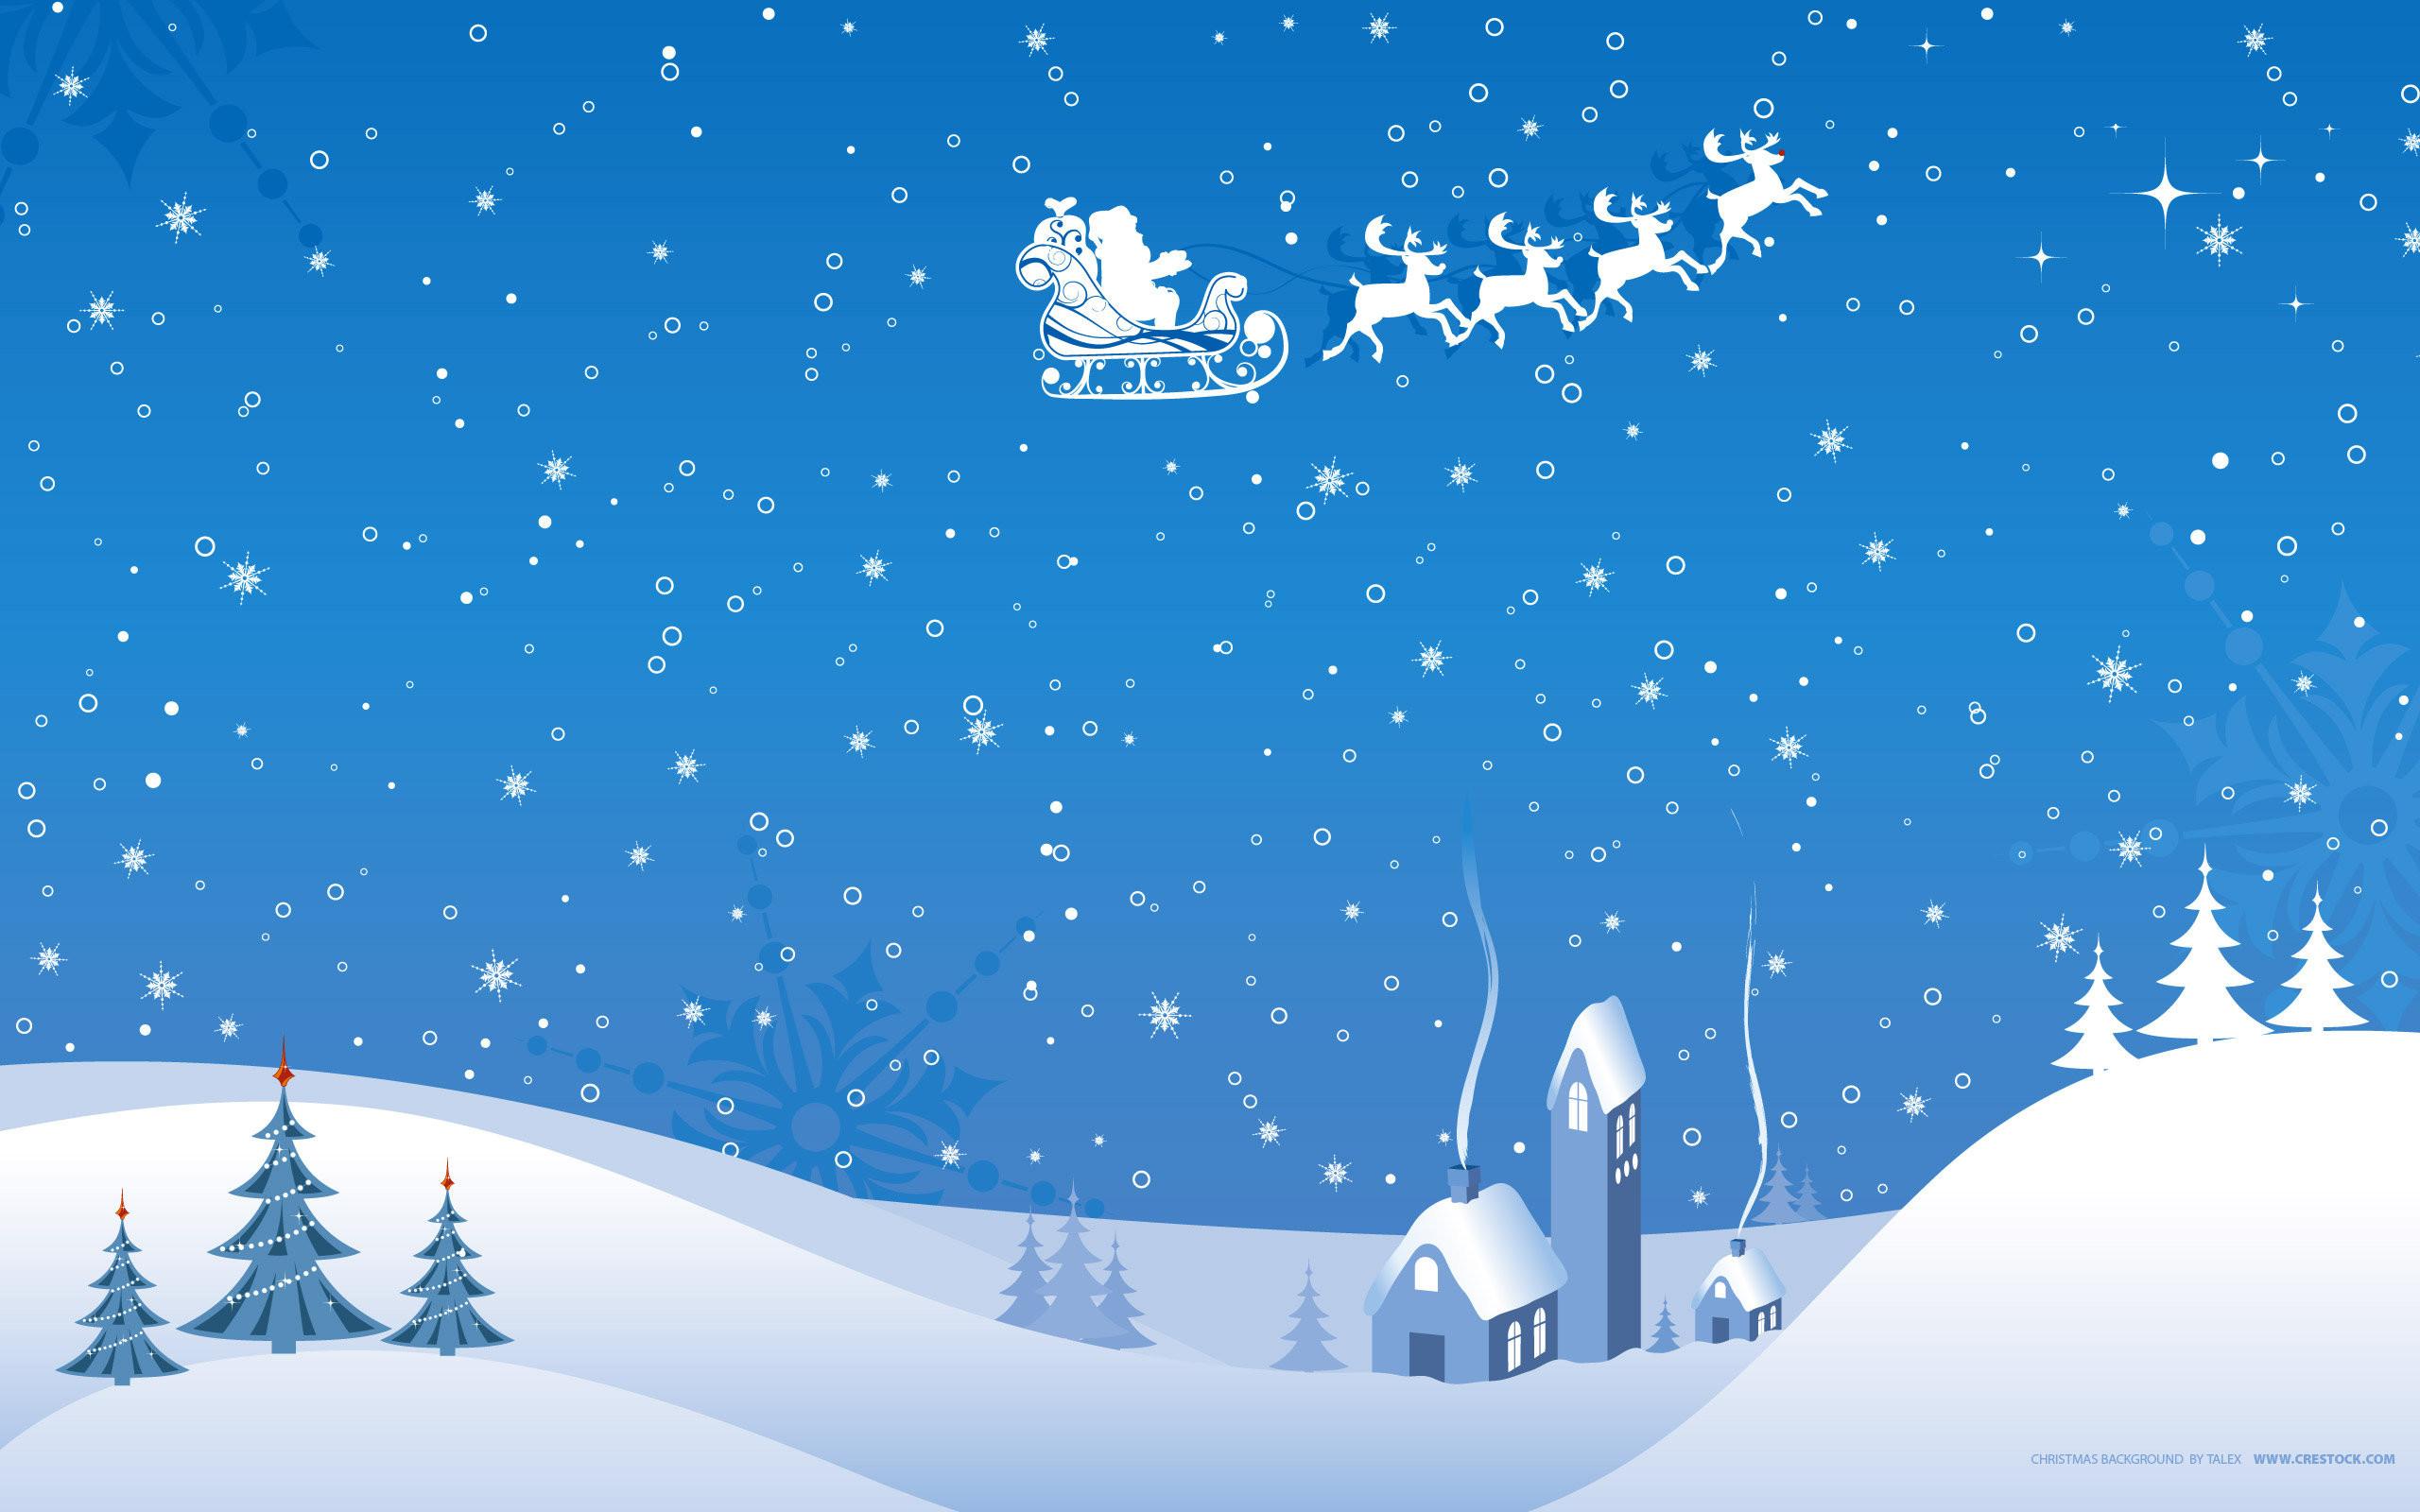 christmas snow scene wallpaper